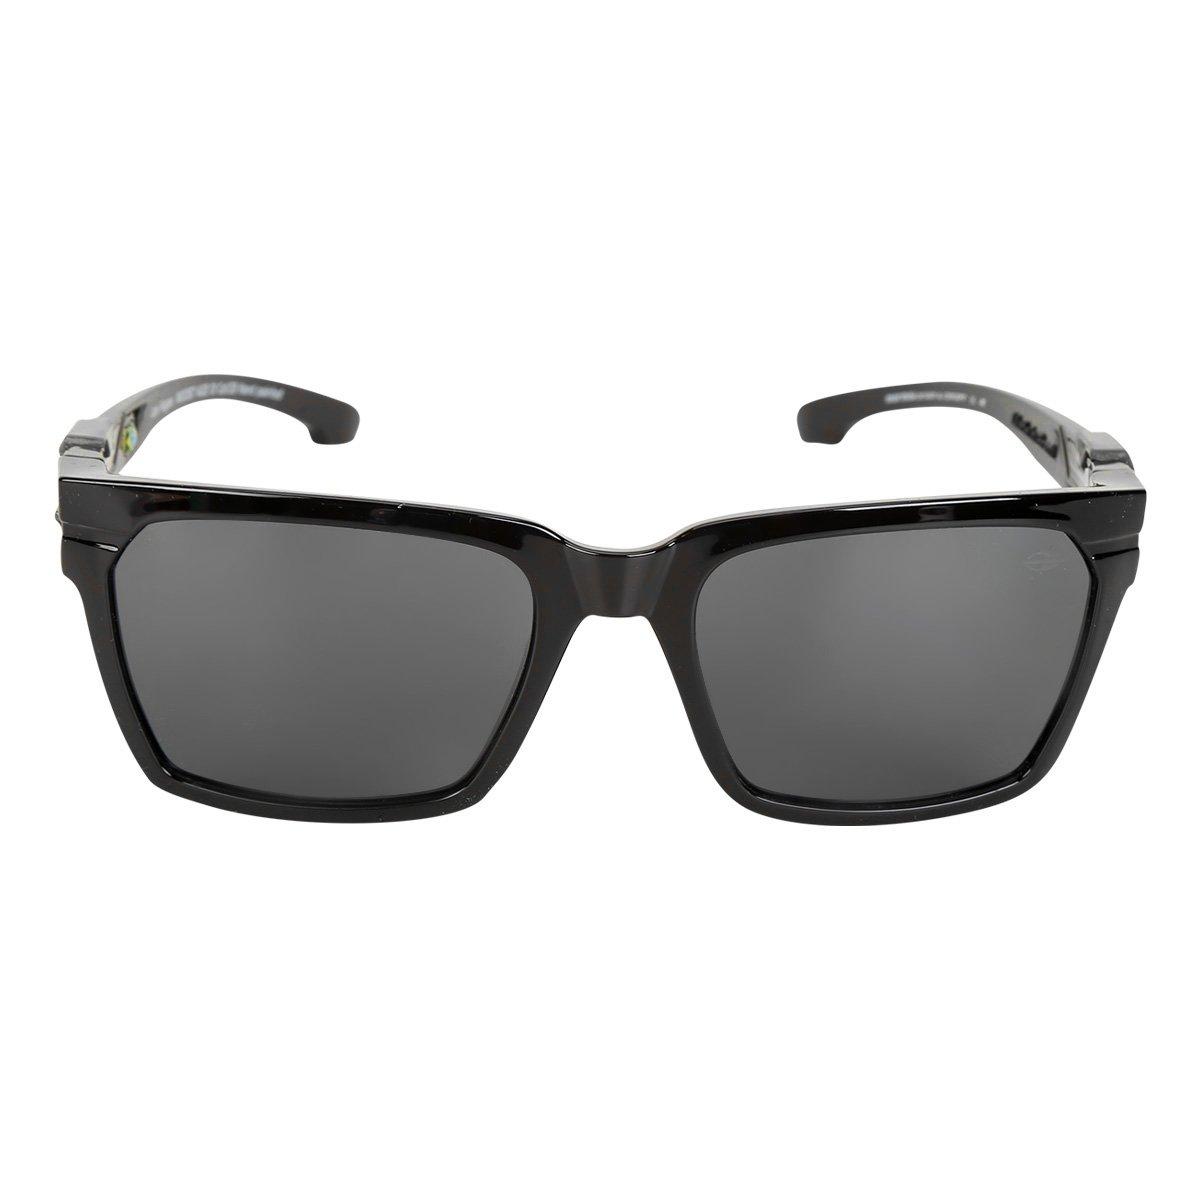 9f6208b994164 Óculos de Sol Mormaii Las Vegas Básico Masculino - Compre Agora ...